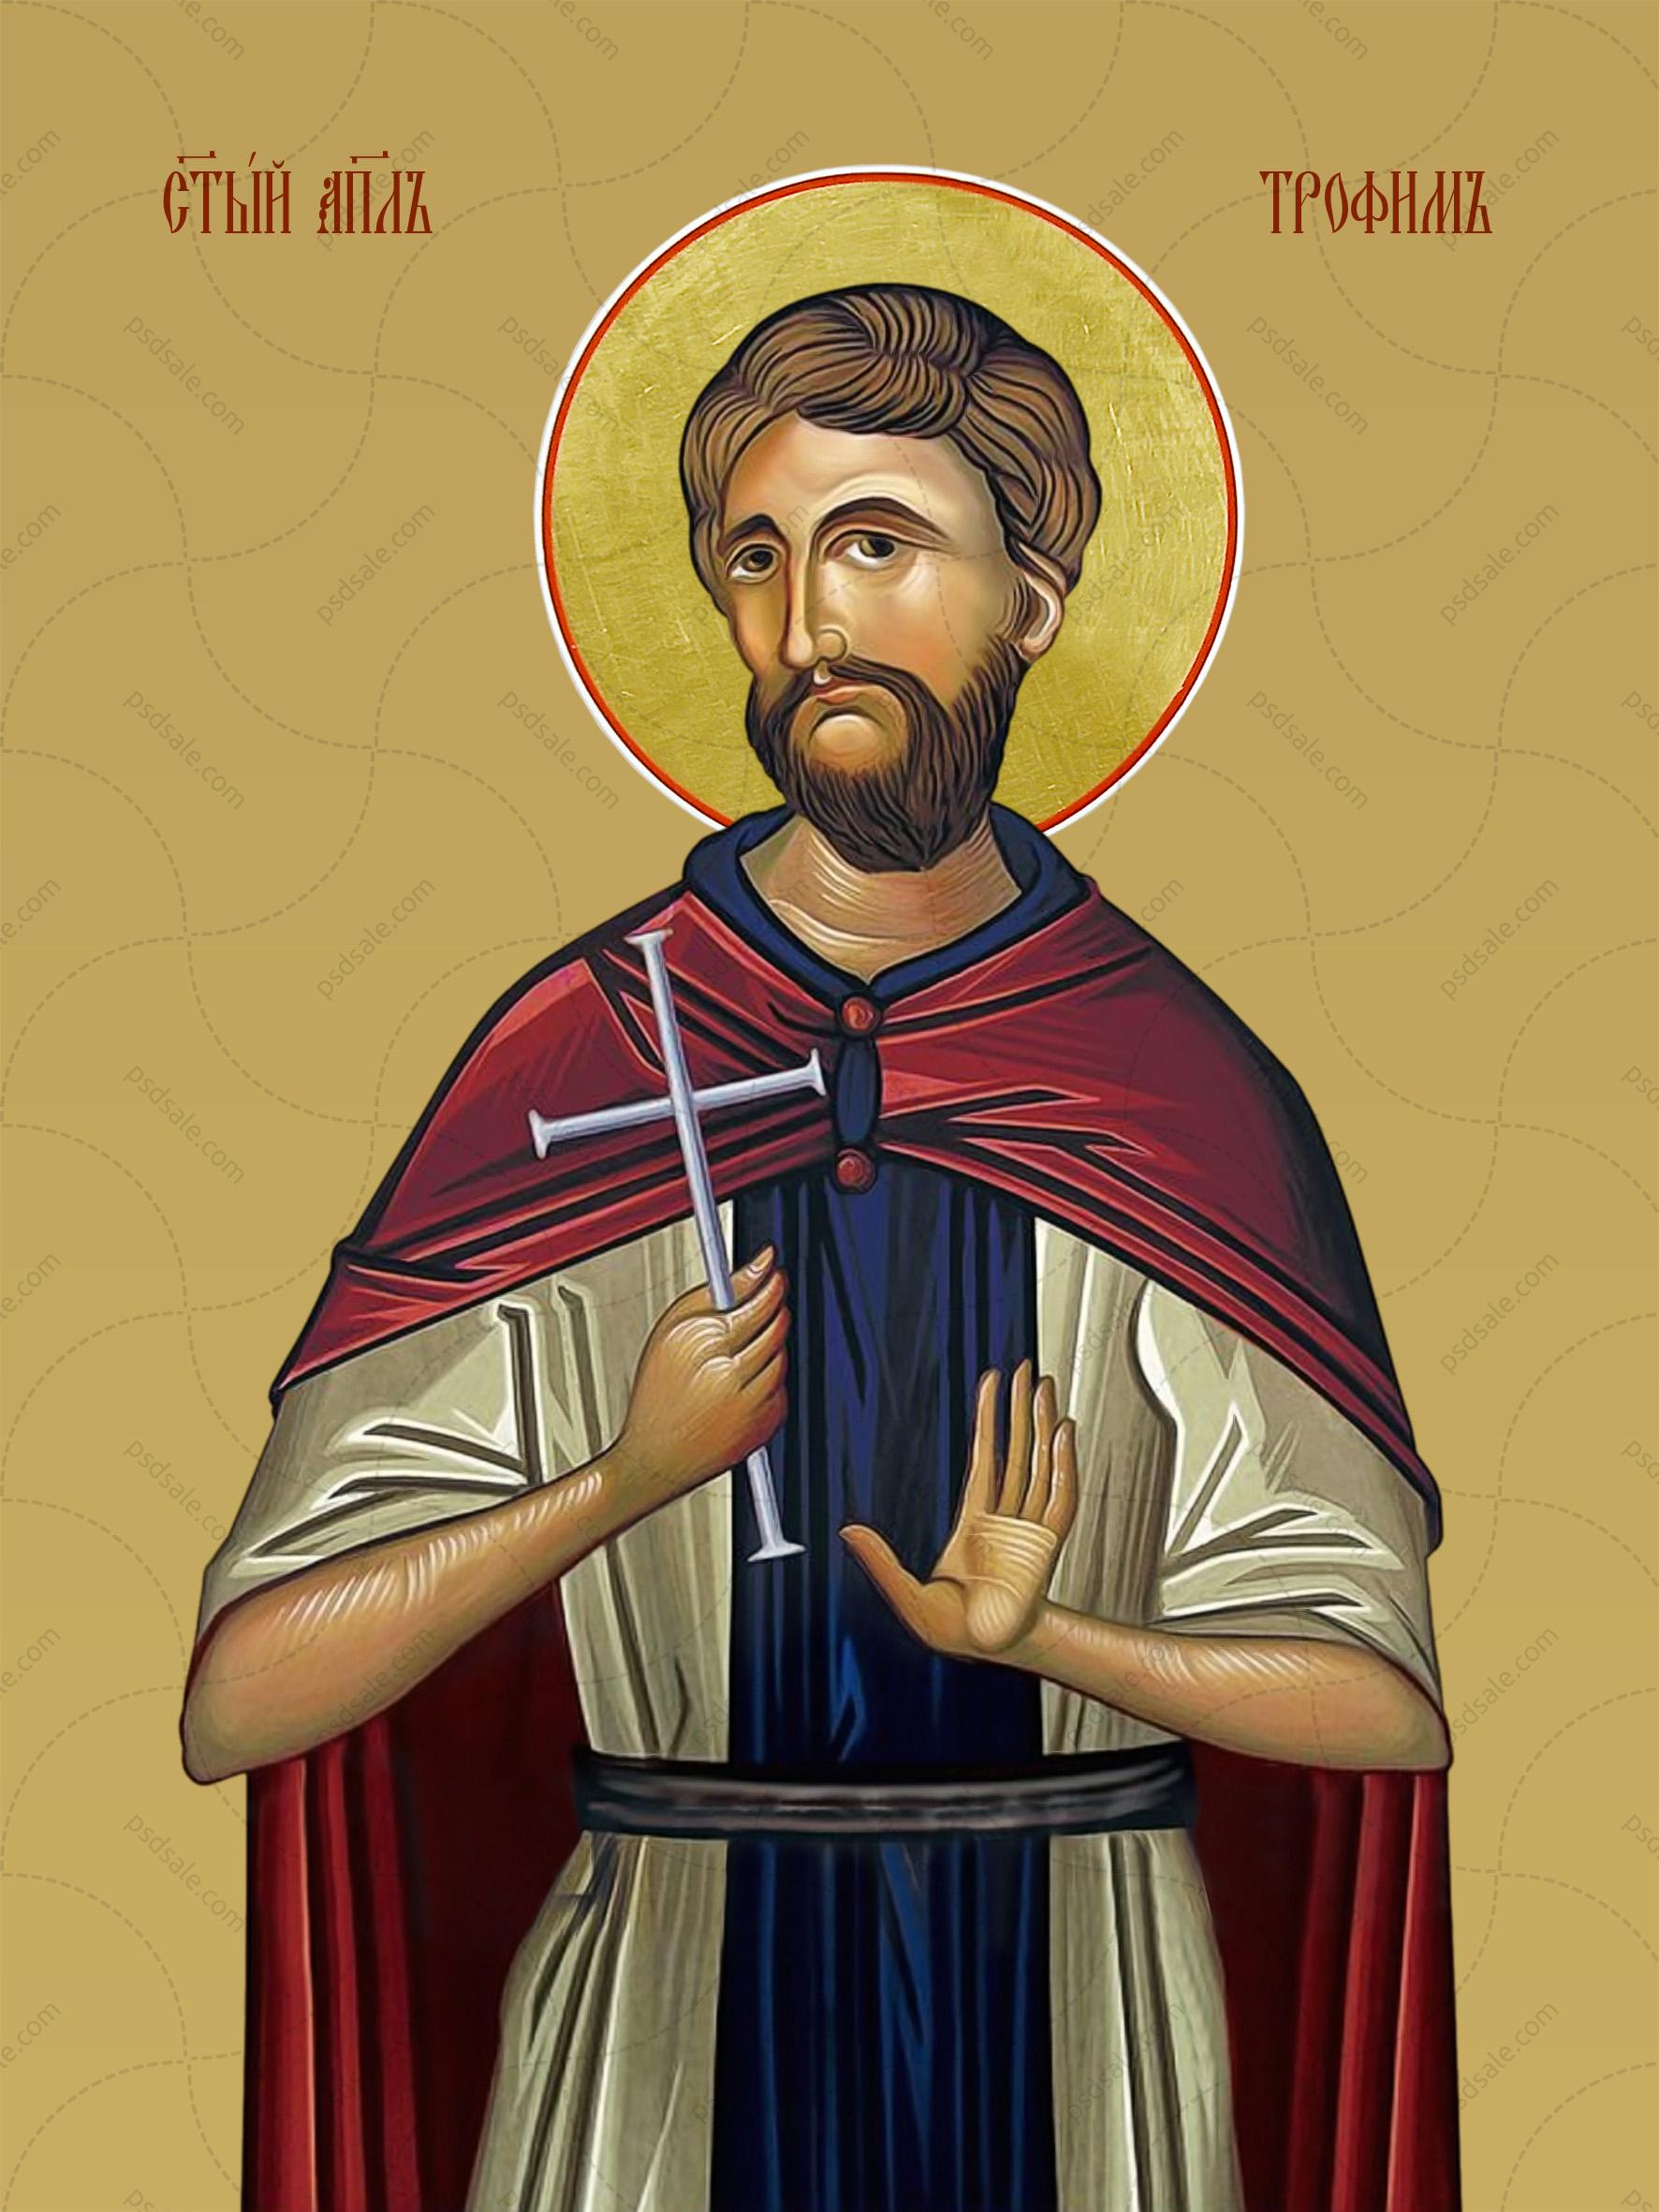 Трофим, святой апостол